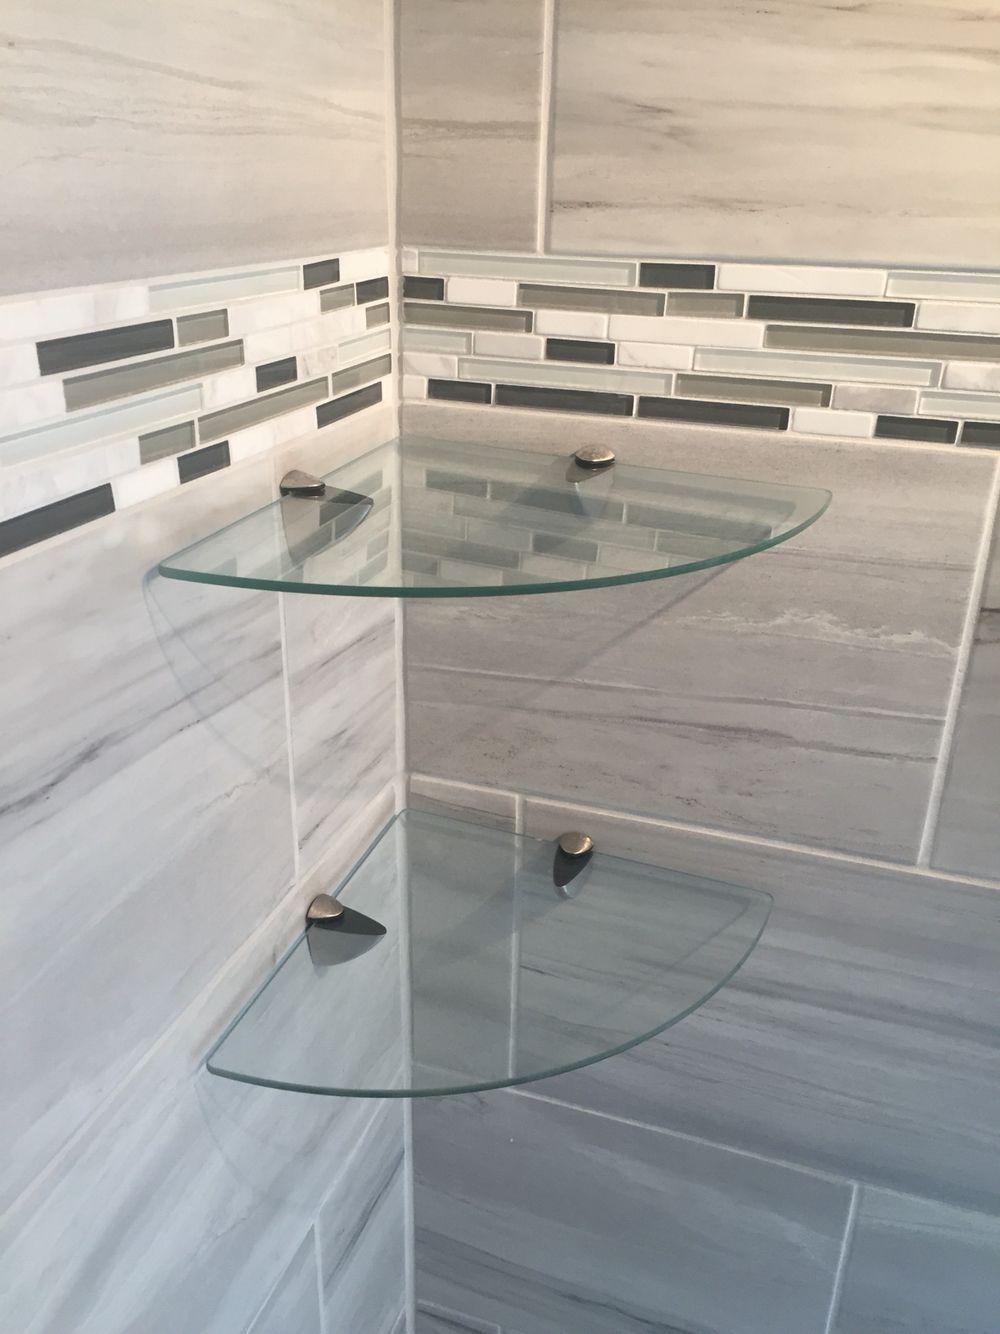 Bathroom shower glass corner shelves azonjohn